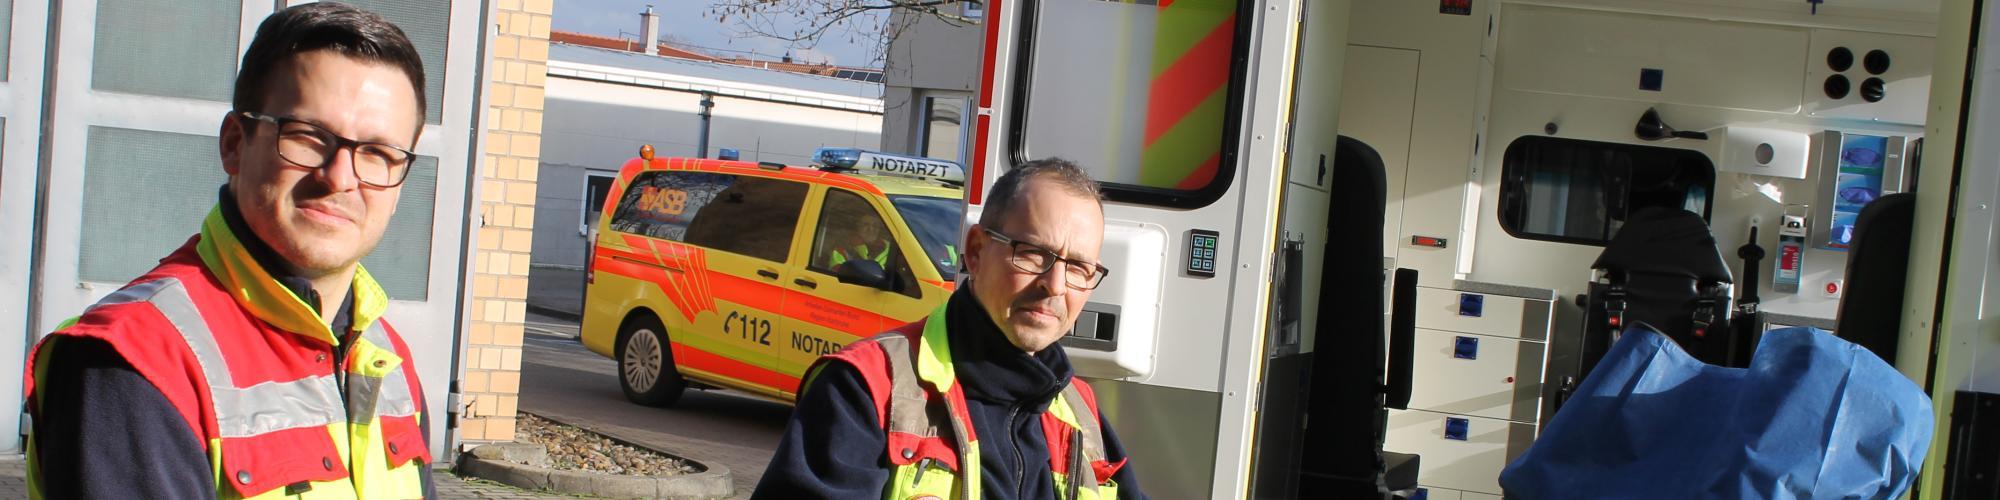 Arbeiter-Samariter-Bund Baden-Württemberg e.V. - Region Karlsruhe